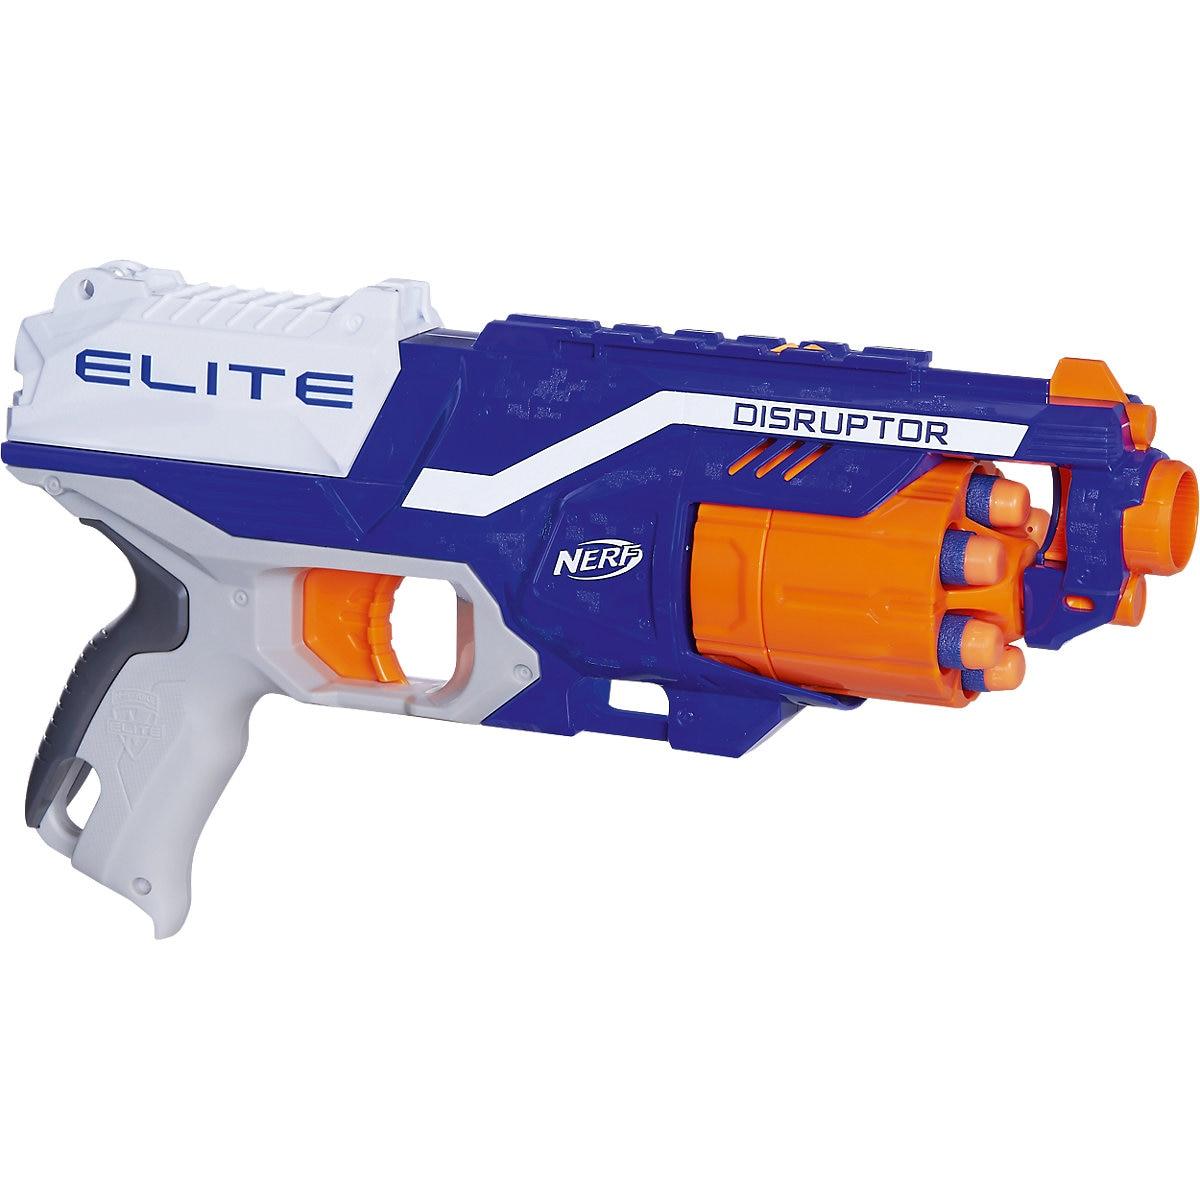 Pistolas de juguete NERF 5104315 niños juguete pistola de arma de fuego niños juegos de tiro al aire libre MTpromo